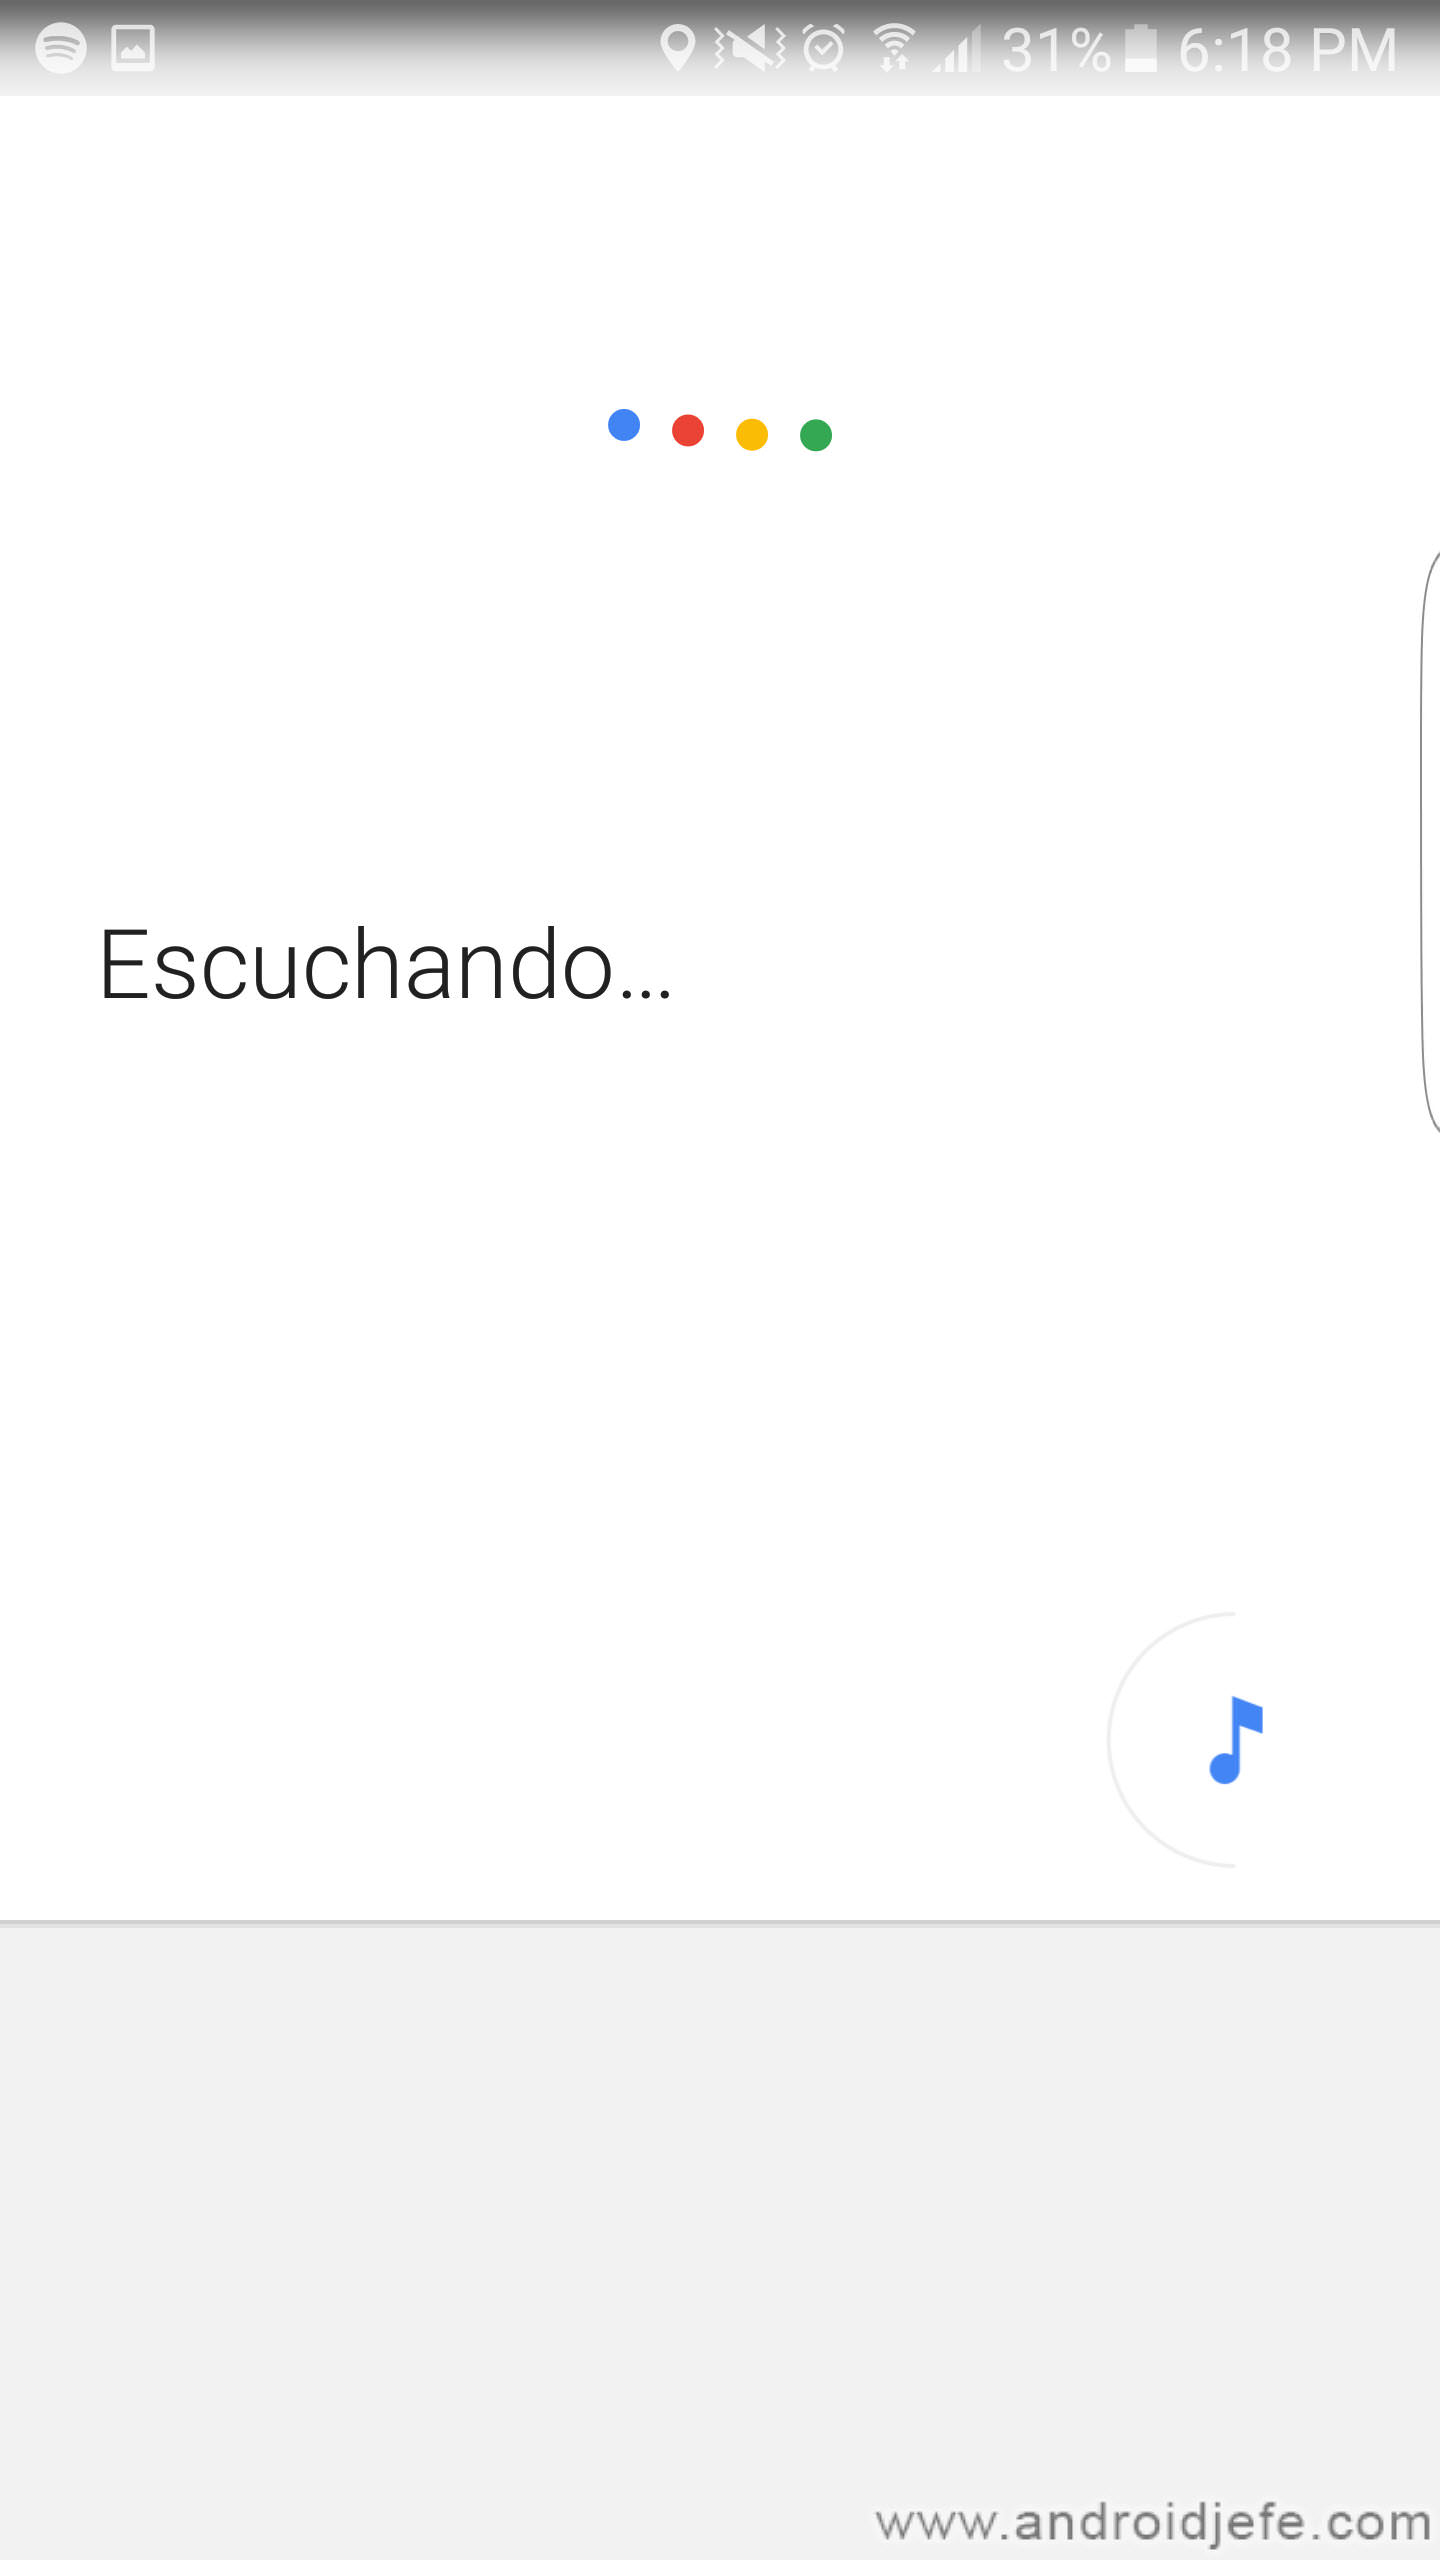 Cómo controlar Android por voz en Español (con o SIN Internet)